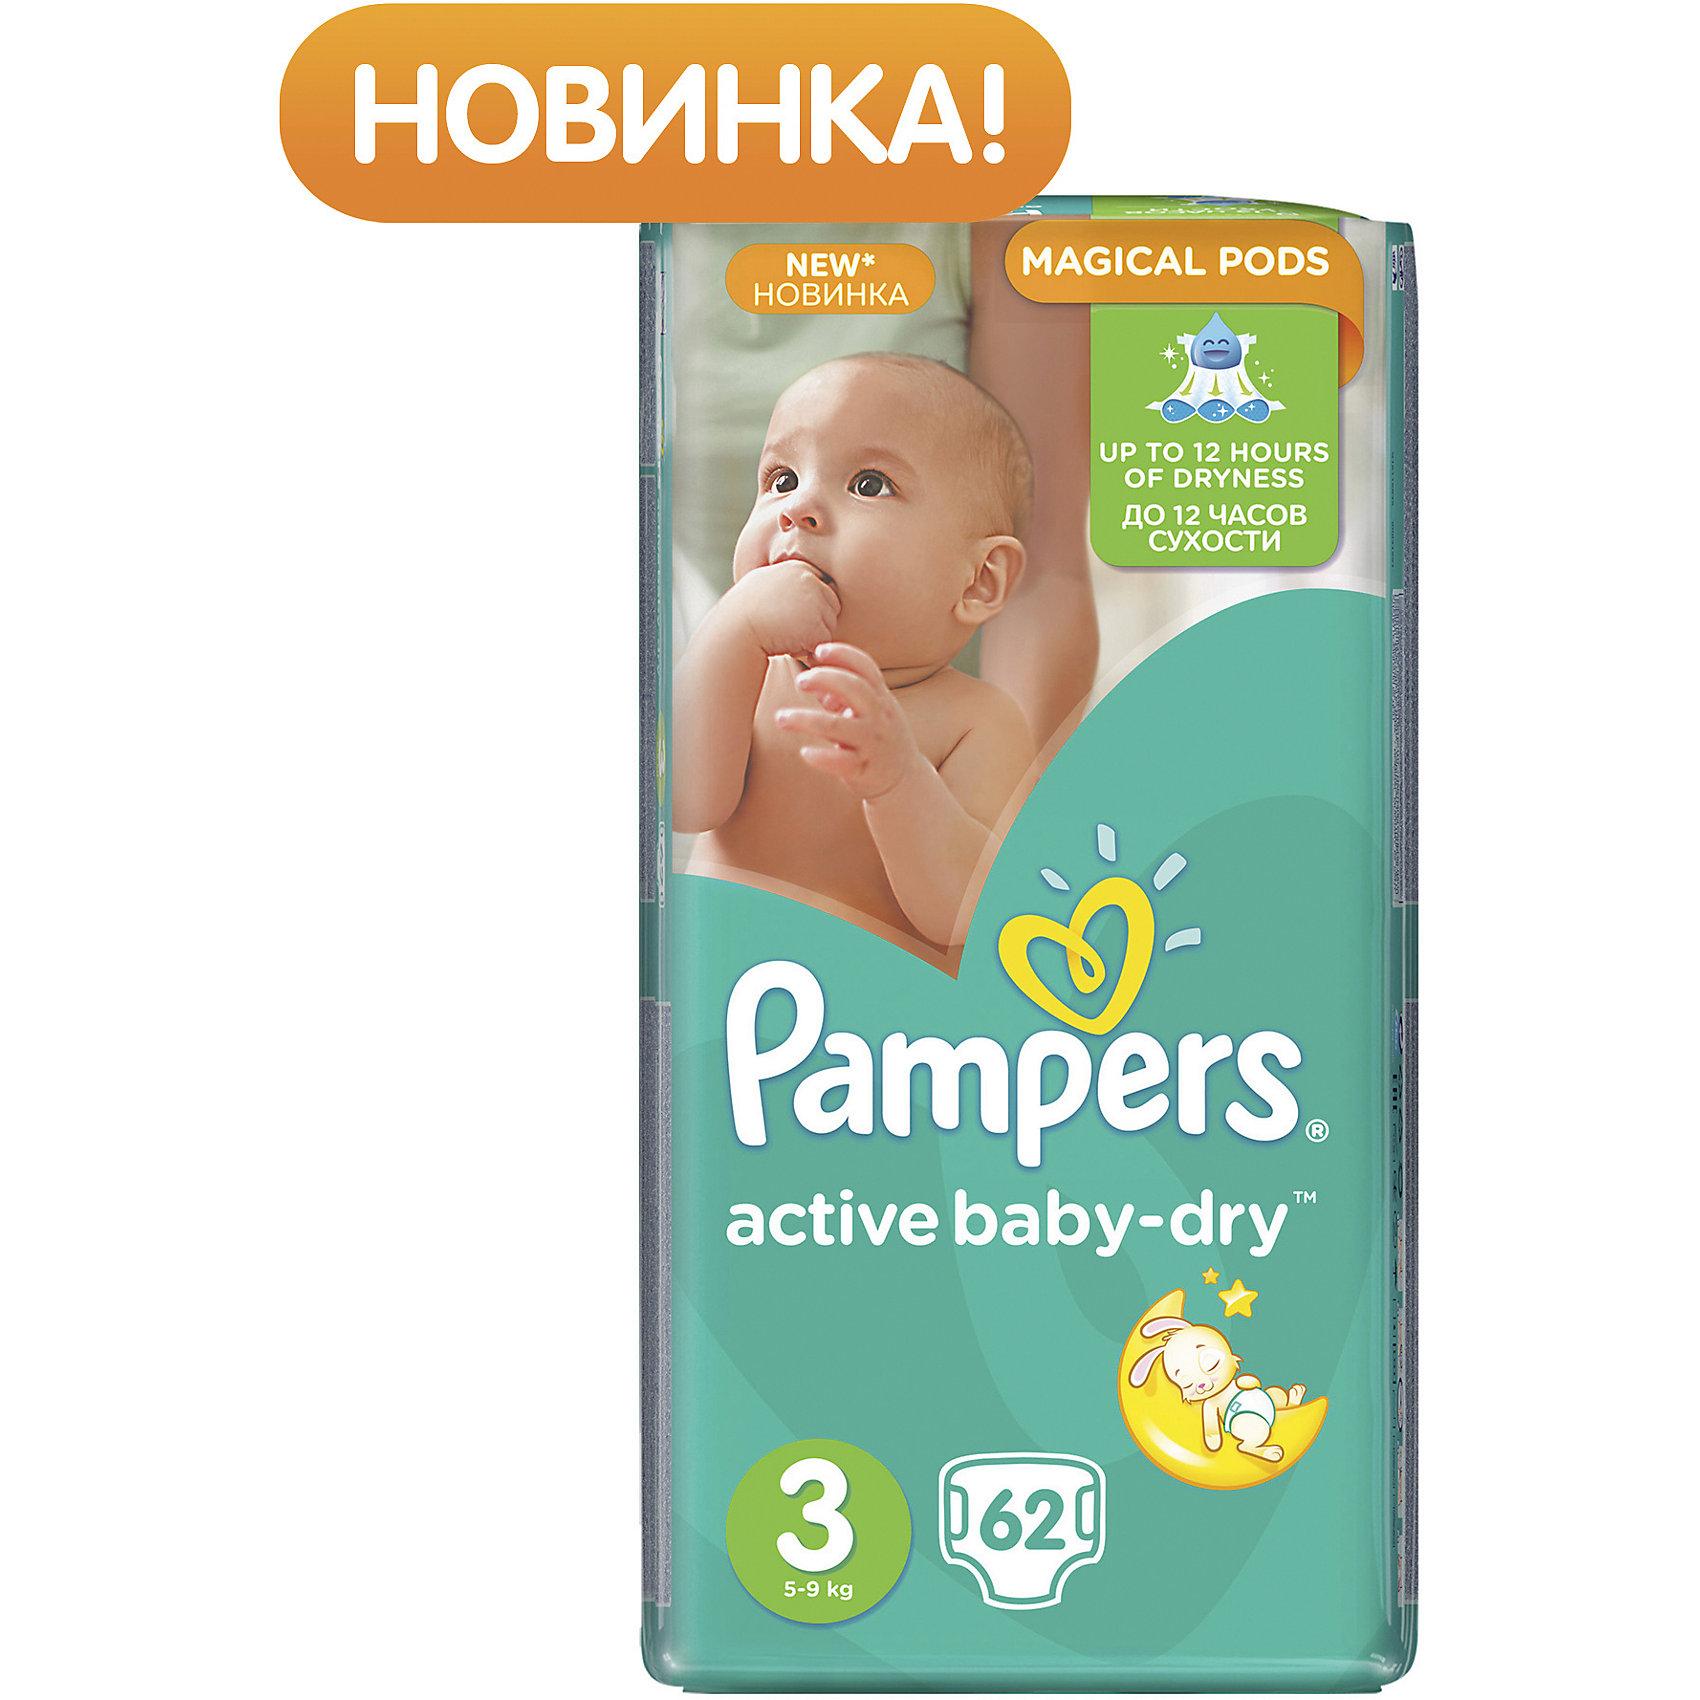 Подгузники Pampers Active Baby-Dry, 5-9 кг, 3 размер, 62 шт., PampersХарактеристики:<br><br>• Пол: универсальный<br>• Тип подгузника: одноразовый<br>• Коллекция: Active Baby-Dry<br>• Предназначение: для использования в любое время суток <br>• Размер: 3<br>• Вес ребенка: от 5 до 9 кг<br>• Количество в упаковке: 62 шт.<br>• Упаковка: пакет<br>• Размер упаковки: 24,6*11,5*39,5 см<br>• Вес в упаковке: 1 кг 647 г<br>• Эластичные застежки-липучки<br>• Быстро впитывающий слой<br>• Мягкий верхний слой<br>• Сохранение сухости в течение 12-ти часов<br><br>Подгузники Pampers Active Baby-Dry, 5-9 кг, 3 размер, 62 шт., Pampers – это линейка классических детских подгузников от Pampers, которая сочетает в себе качество и безопасность материалов, удобство использования и комфорт для нежной кожи малыша. Подгузники предназначены для младенцев весом до 9 кг. Инновационные технологии и современные материалы обеспечивают этим подгузникам Дышащие свойства, что особенно важно для кожи малыша. <br><br>Впитывающие свойства изделию обеспечивает уникальный слой, состоящий из жемчужных микрогранул. У подгузников предусмотрена эластичная мягкая резиночка на спинке. Широкие липучки с двух сторон обеспечивают надежную фиксацию. Подгузник имеет мягкий верхний слой, который обеспечивает не только комфорт, но и защищает кожу ребенка от раздражений. Подгузник подходит как для мальчиков, так и для девочек. <br><br>Подгузники Pampers Active Baby-Dry, 5-9 кг, 3 размер, 62 шт., Pampers можно купить в нашем интернет-магазине.<br><br>Ширина мм: 246<br>Глубина мм: 115<br>Высота мм: 395<br>Вес г: 1647<br>Возраст от месяцев: 3<br>Возраст до месяцев: 12<br>Пол: Унисекс<br>Возраст: Детский<br>SKU: 5419074